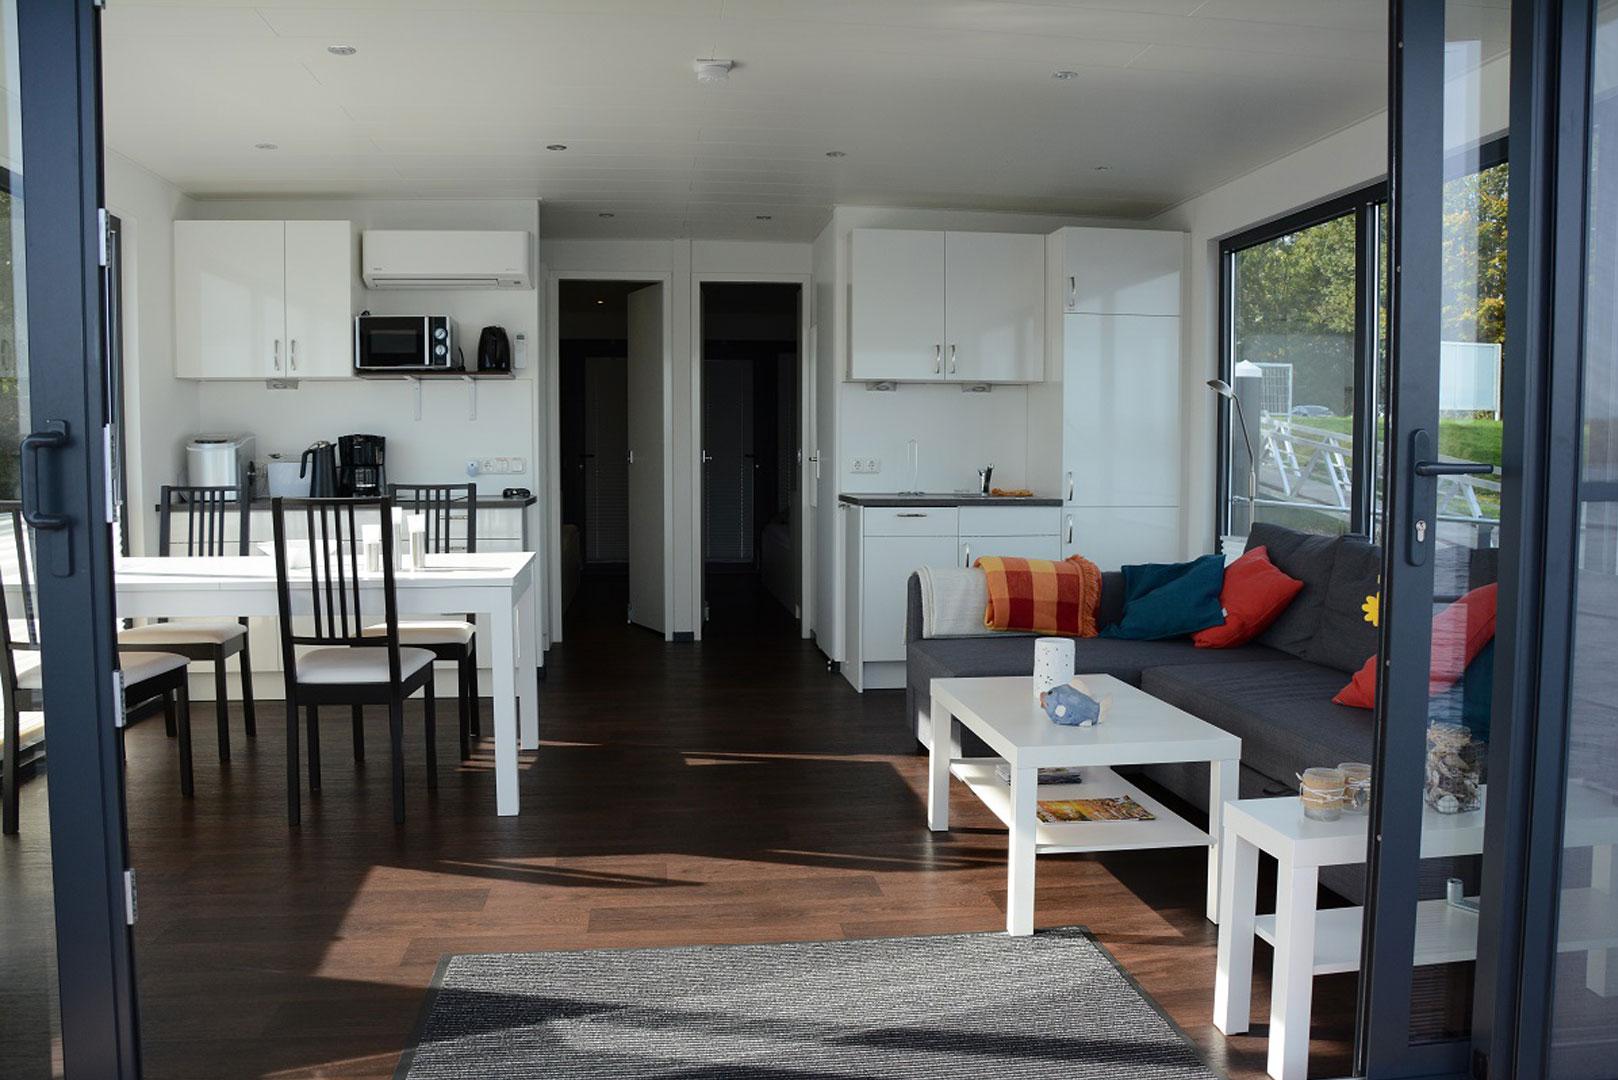 hausboot mieten am rhein nrw xanten luxusurlaub. Black Bedroom Furniture Sets. Home Design Ideas